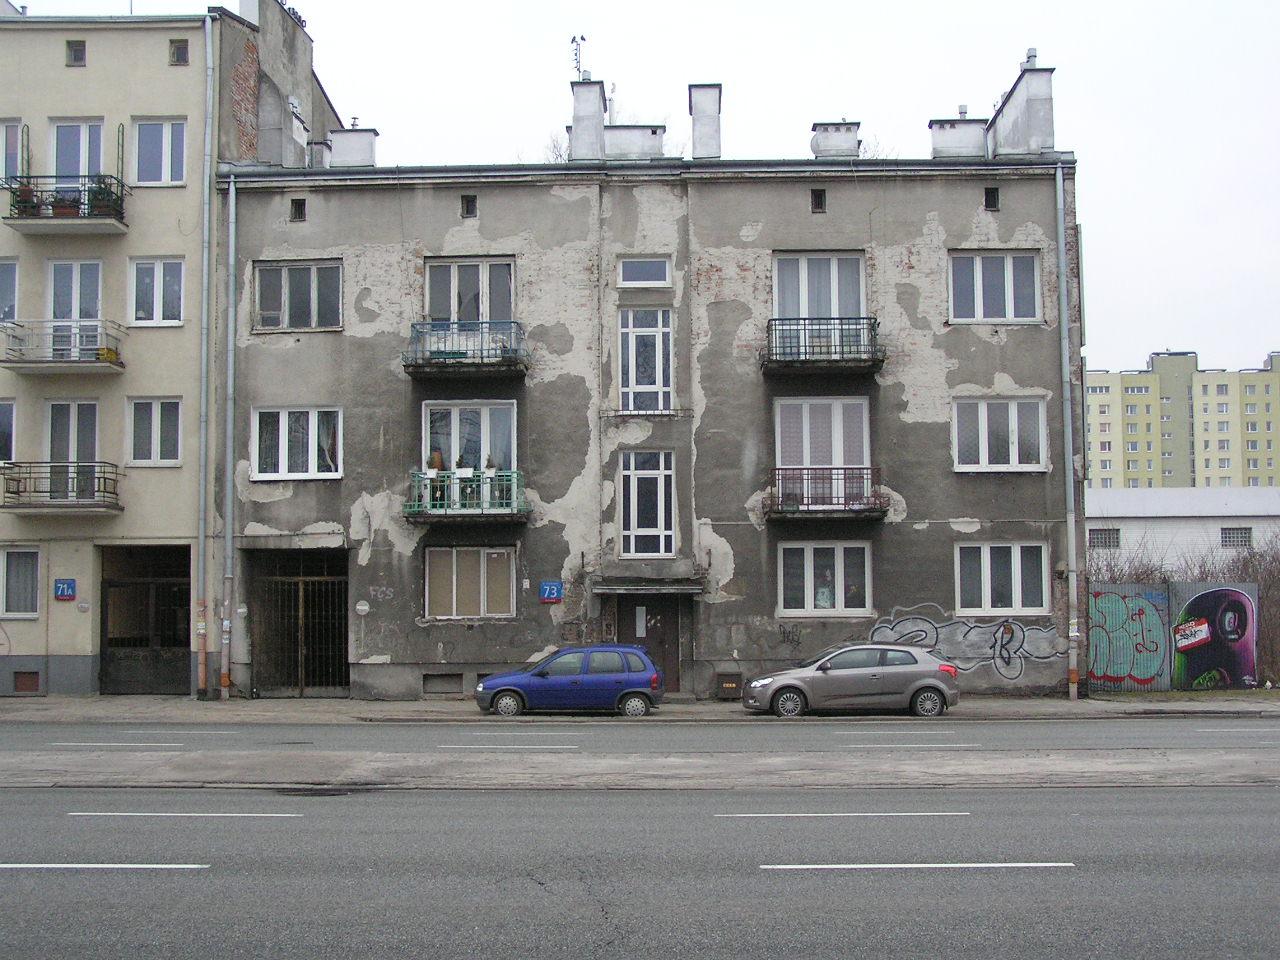 Kamienica przy ulicy Grochowskej 73 na Grochowie